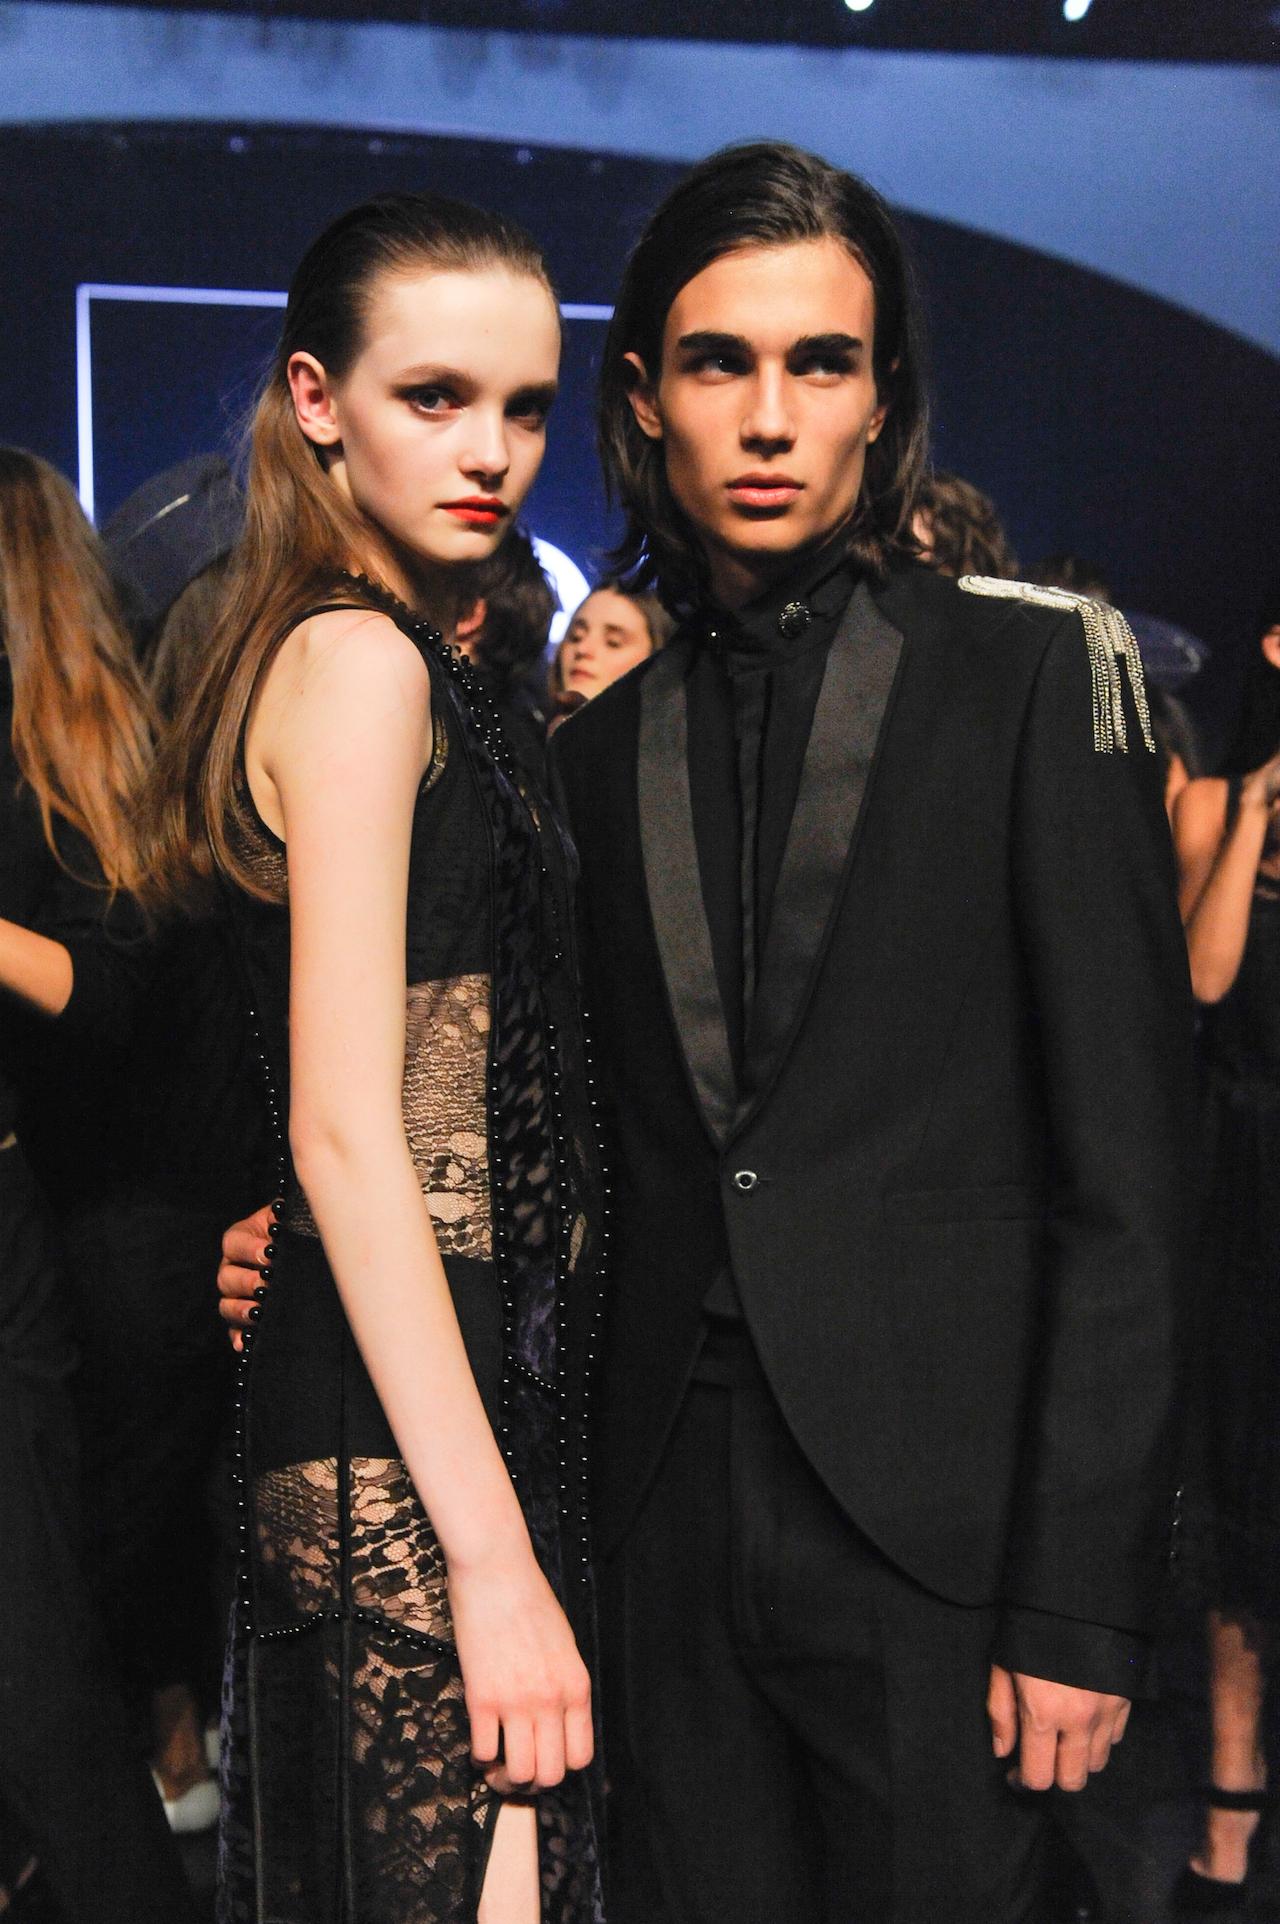 Red Diamond Escorts - Mynt Models International Elite Elite fashion agency milano